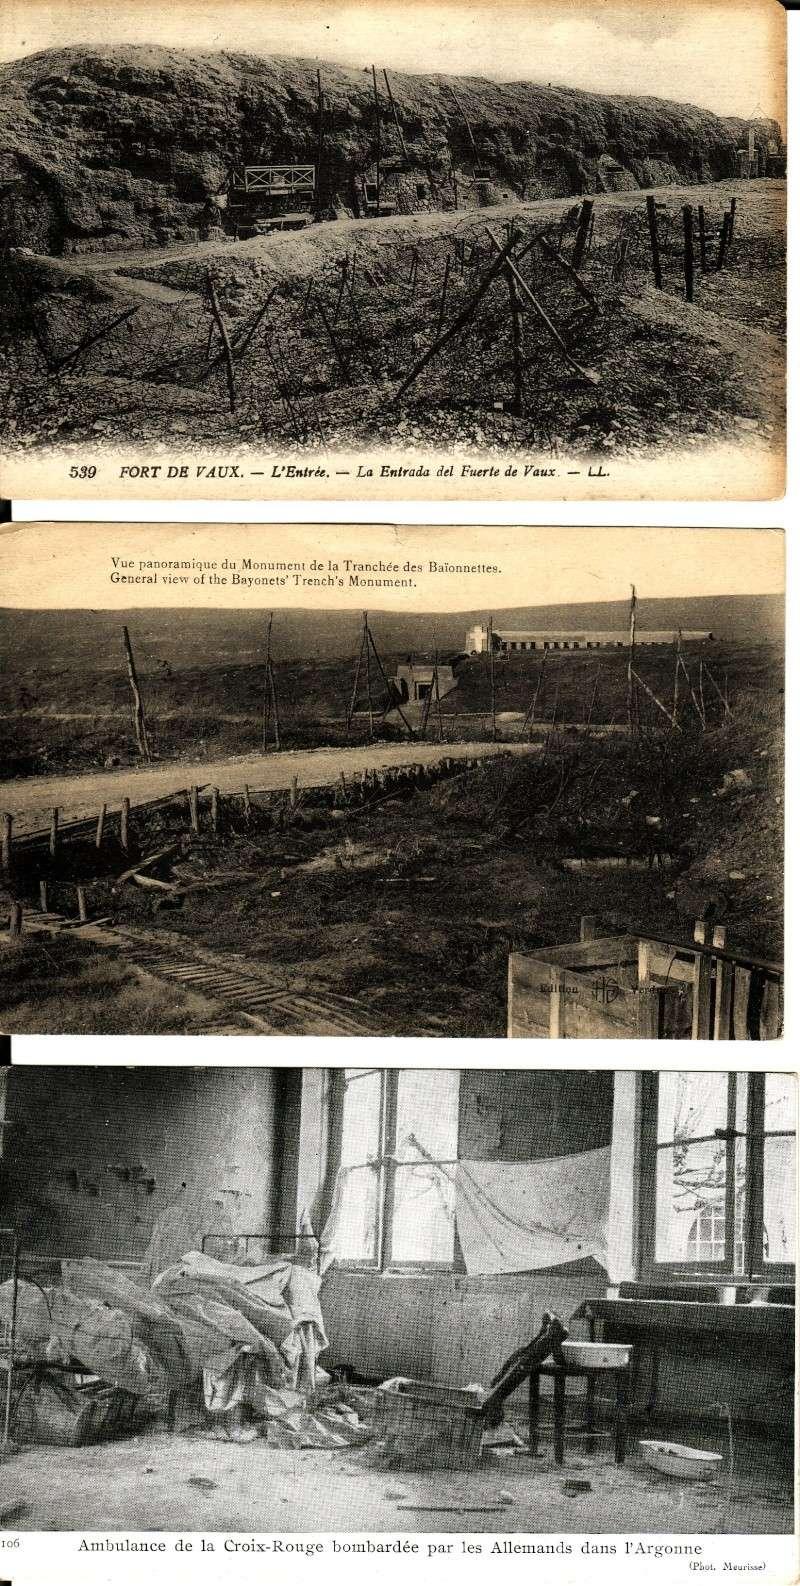 Histoire des grandes batailles : la bataille de Verdun Verdun10